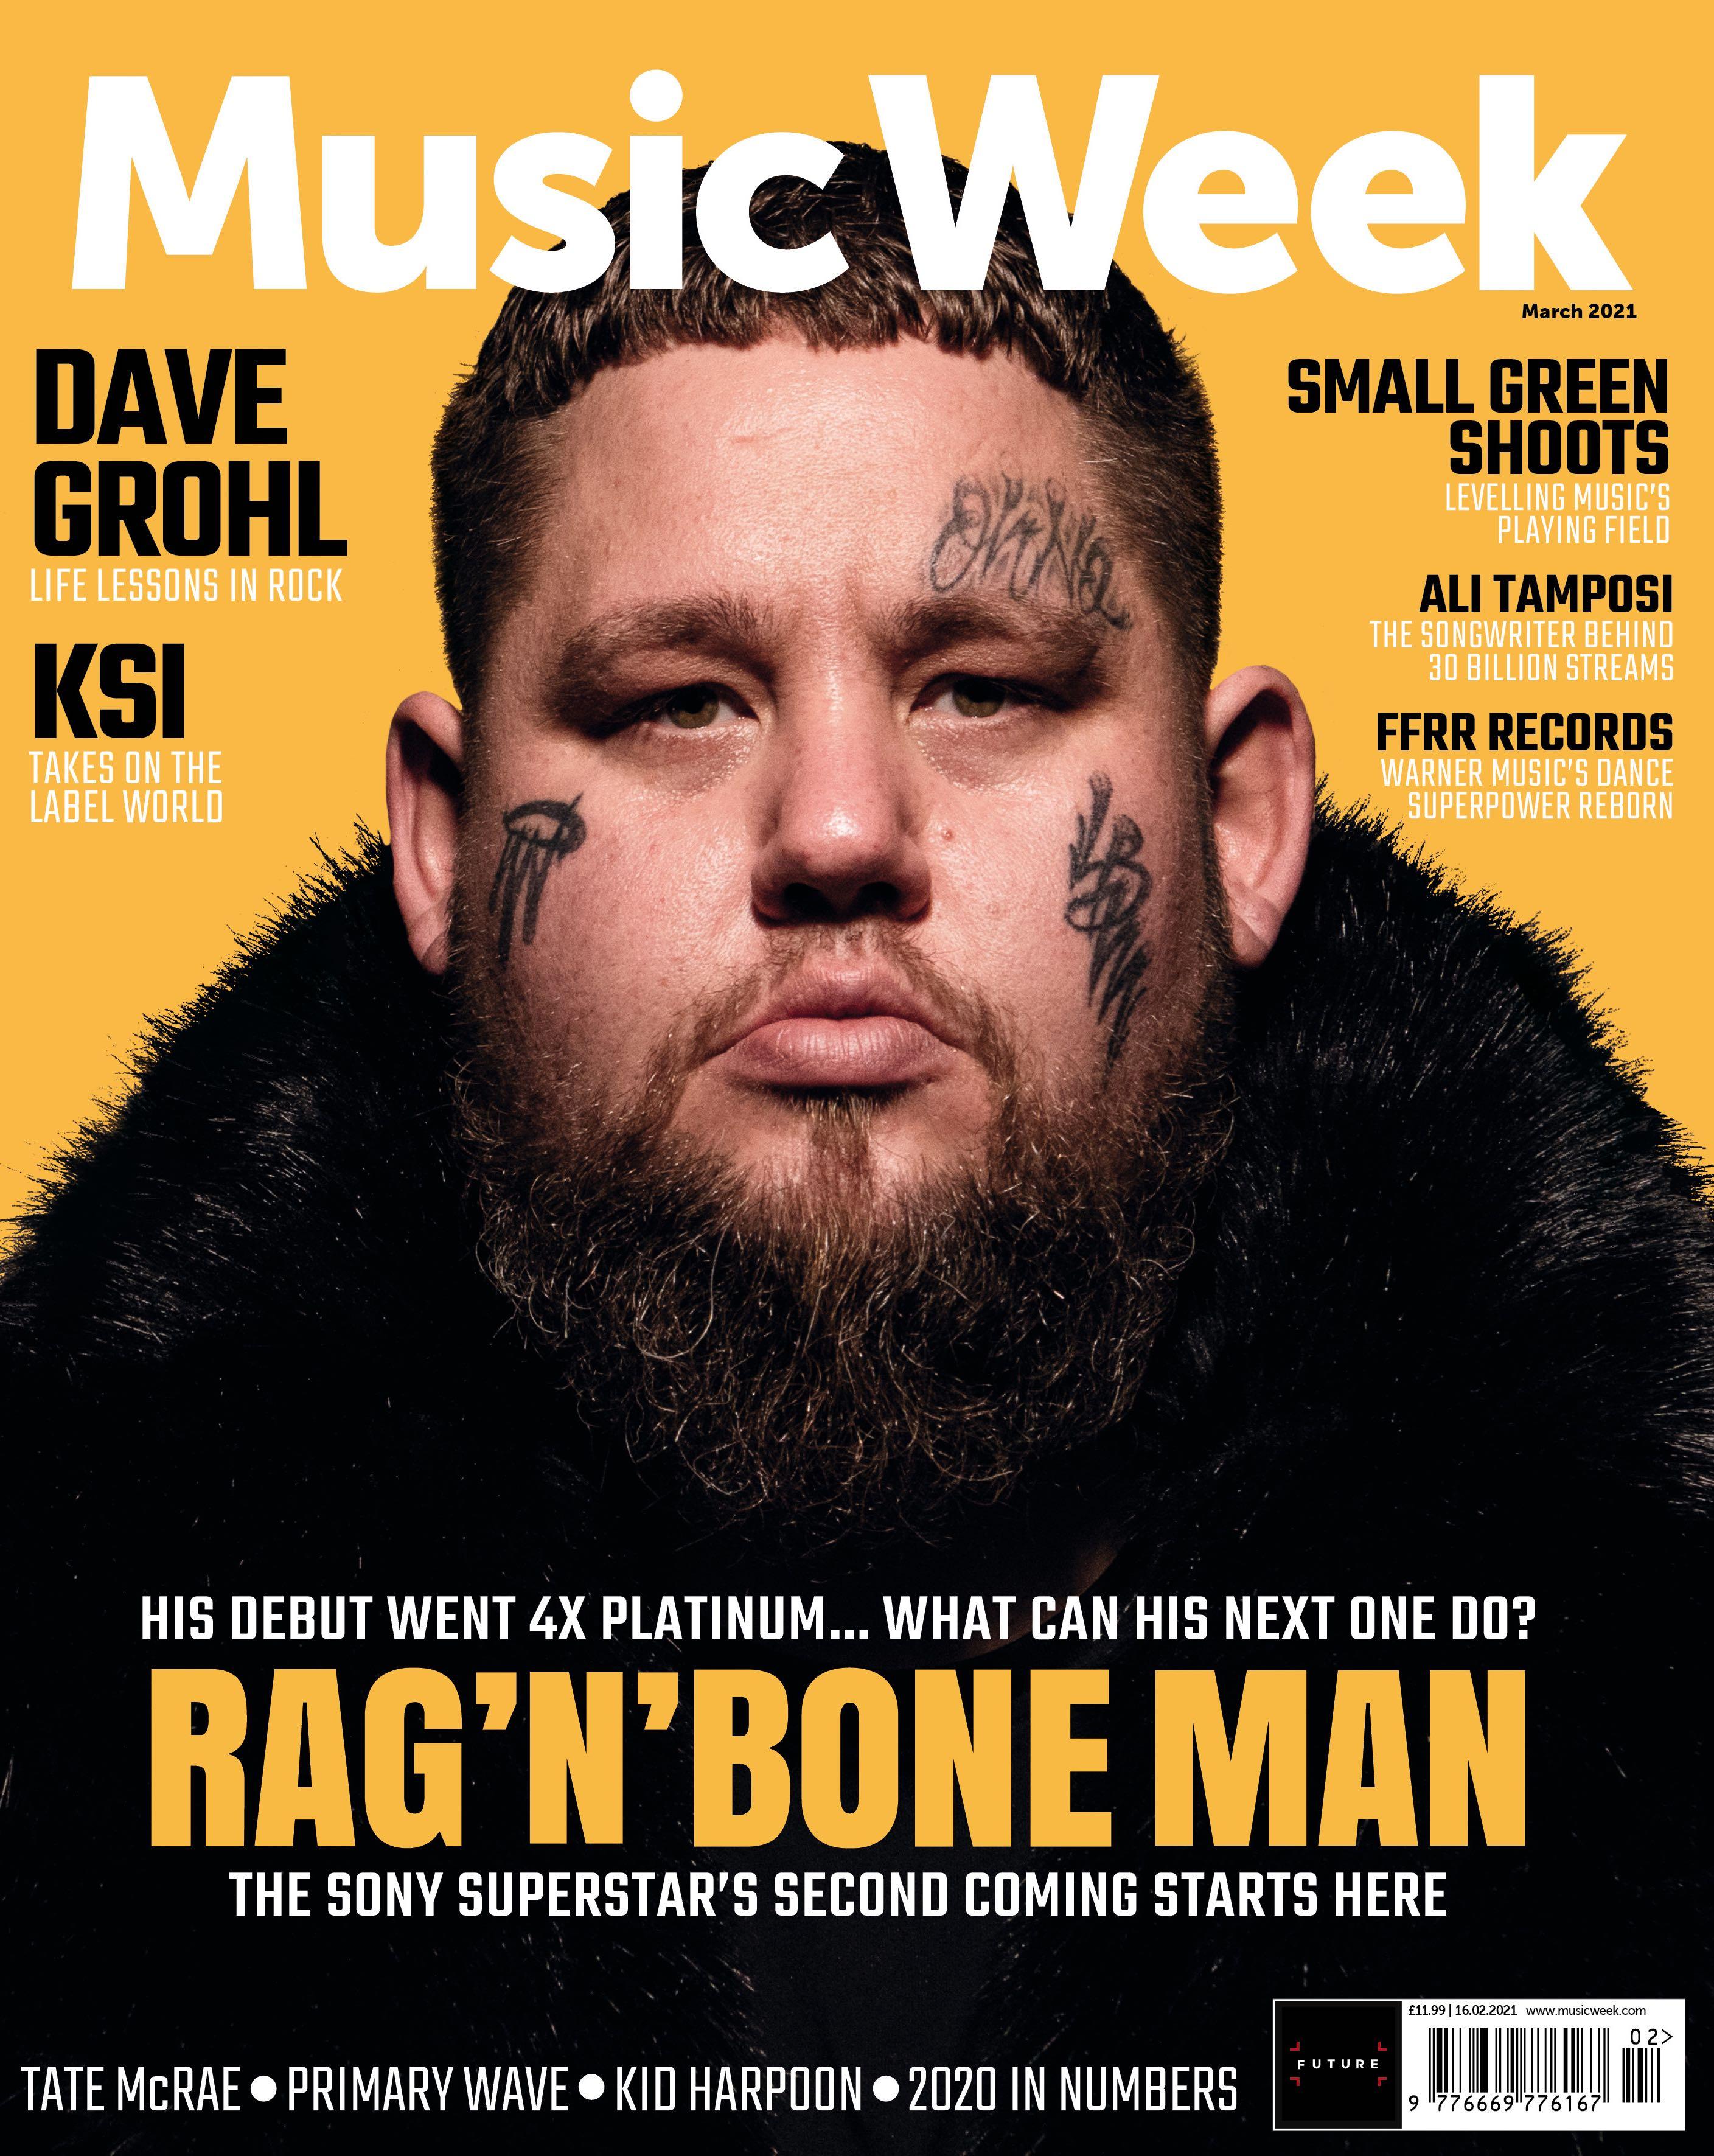 Rag N Bone Man